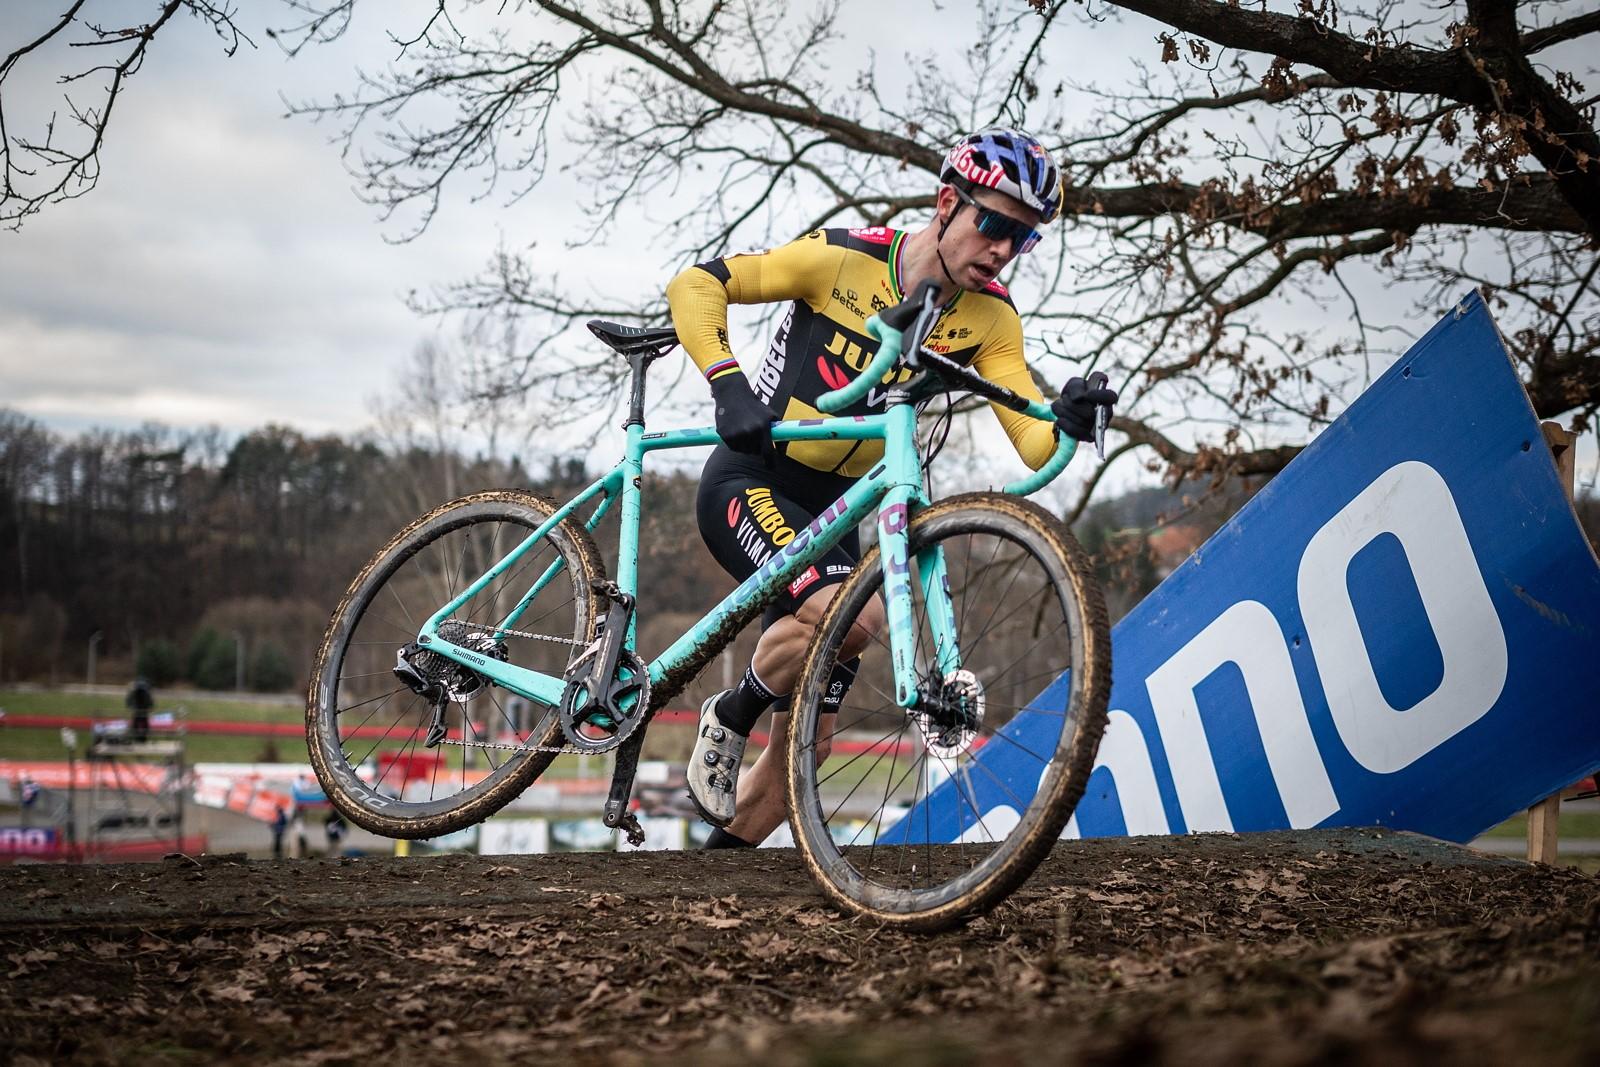 16 - Cyklistická superstar Wout van Aert skončil v Táboře na třetím místě.